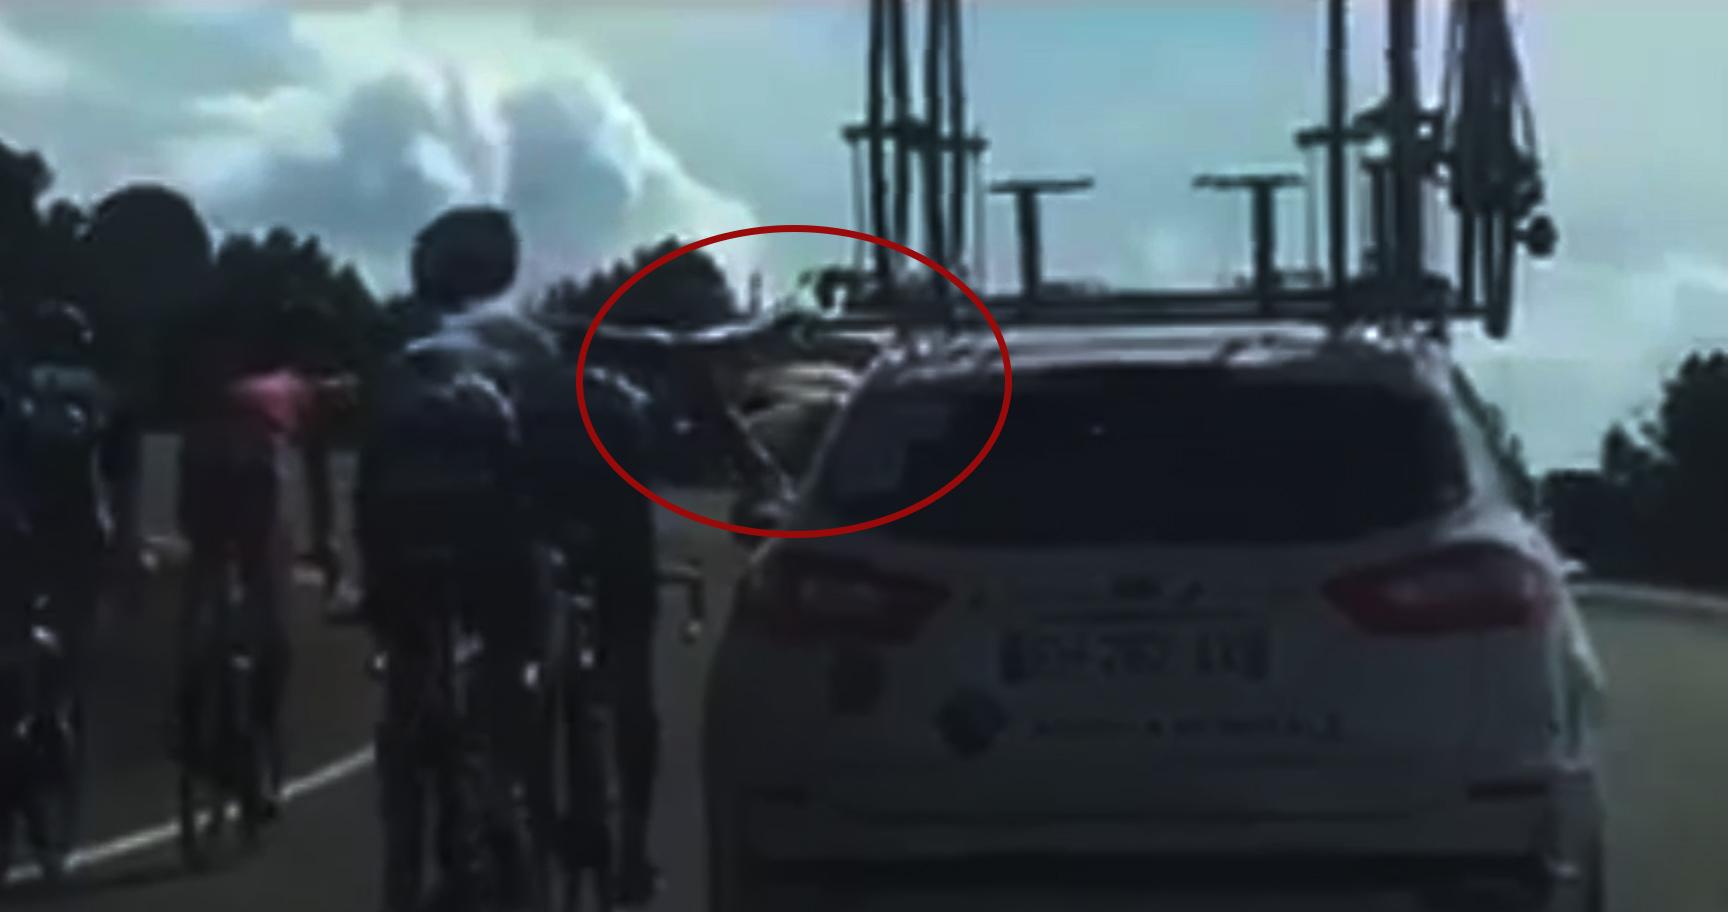 Denz y Geniez, expulsados de la Vuelta por agarrarse del coche de equipo.